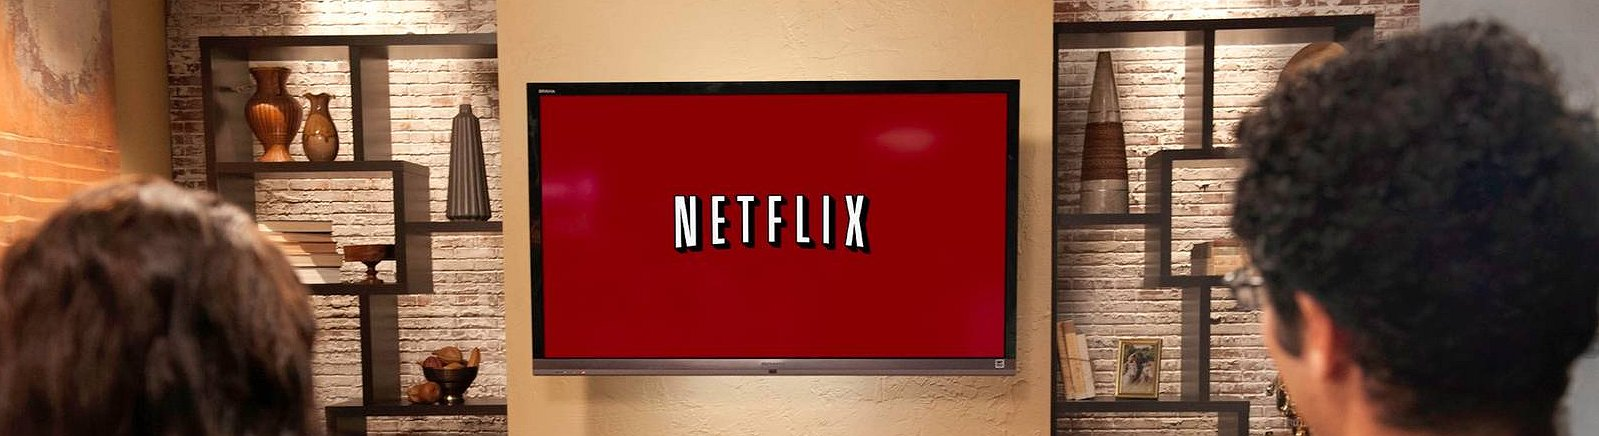 Darum ist Netflix kein europäisches Unternehmen